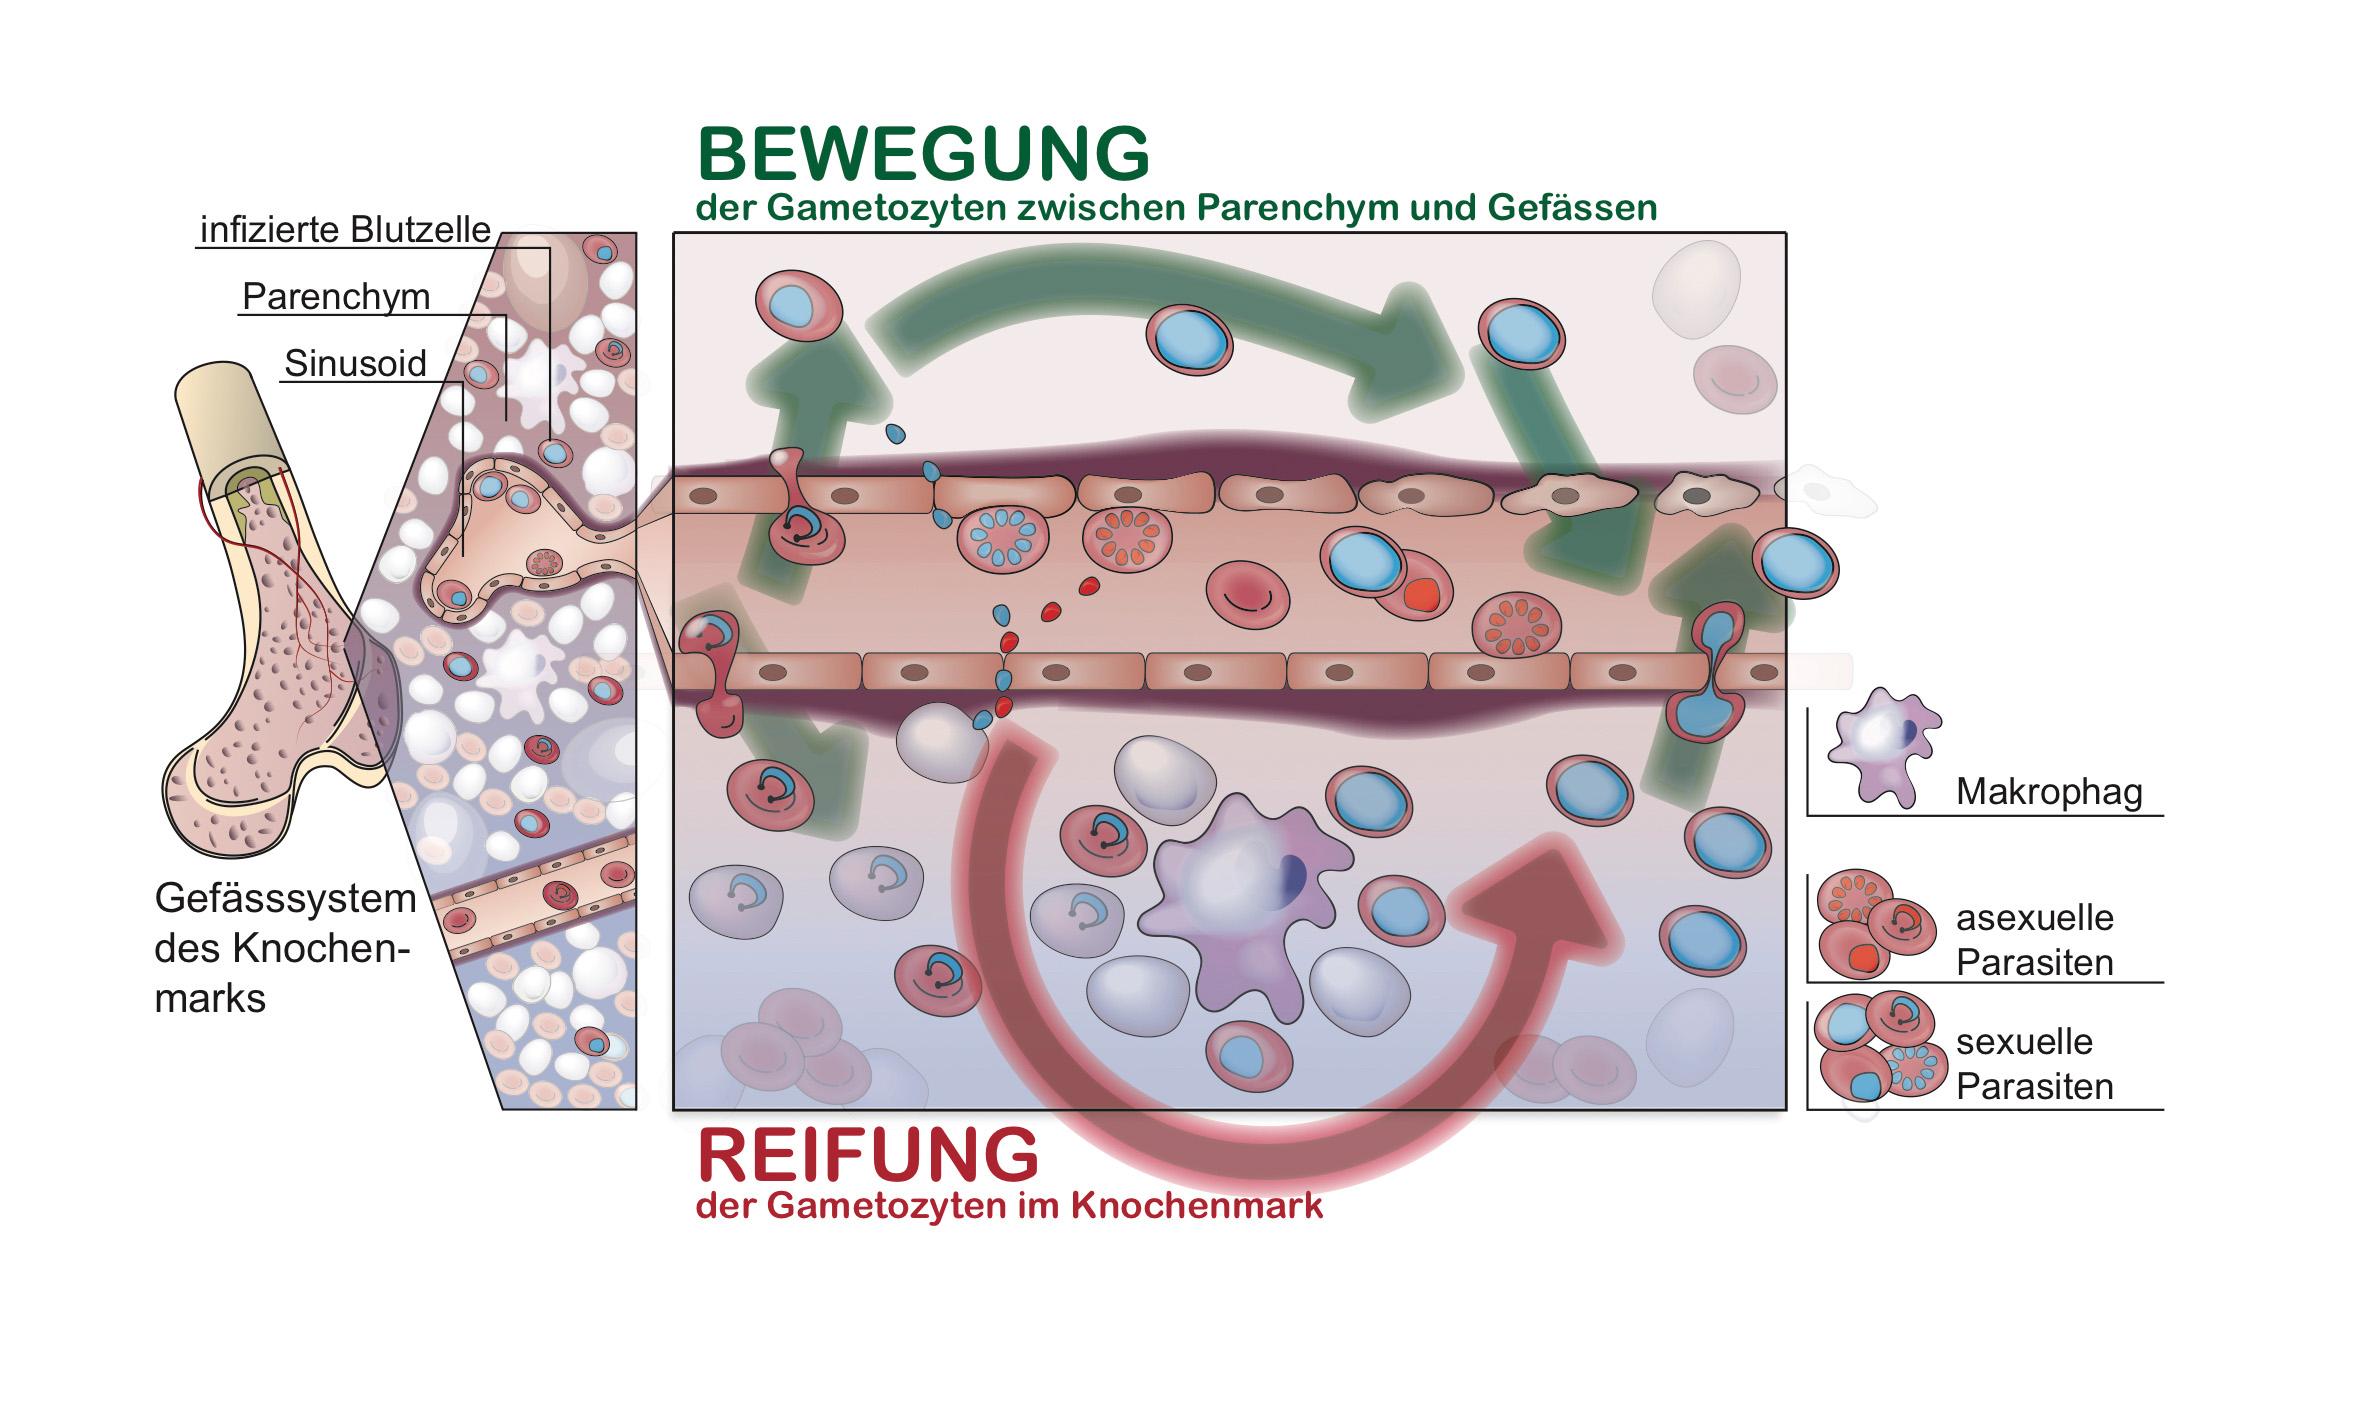 Blutzellen, die mit blau gekennzeichneten, geschlechtlichen Parasitenformen infiziert sind, verlas-sen die Blutgefässe (Sinusoide) und wandern vornehmlich ins Gewebe (Parenchym) des Kno-chenmarks ein, während die Blutzellen, die mit den rot gekennzeichneten Parasiten infiziert sind, im Blutgefäss zirkulieren oder and die Gefässwand anheften. Die Makrophagen im Parenchym versorgen die infizierten Zellen zusätzlich mit Nährstoffen und ermöglichen ihnen eine optimale Entwicklung zu reifen Gametozyten. Diese bewegen sich dann zwischen dem Gewebe und den Blutgefässen. © Nicolas Brancucci, TPHI Basel